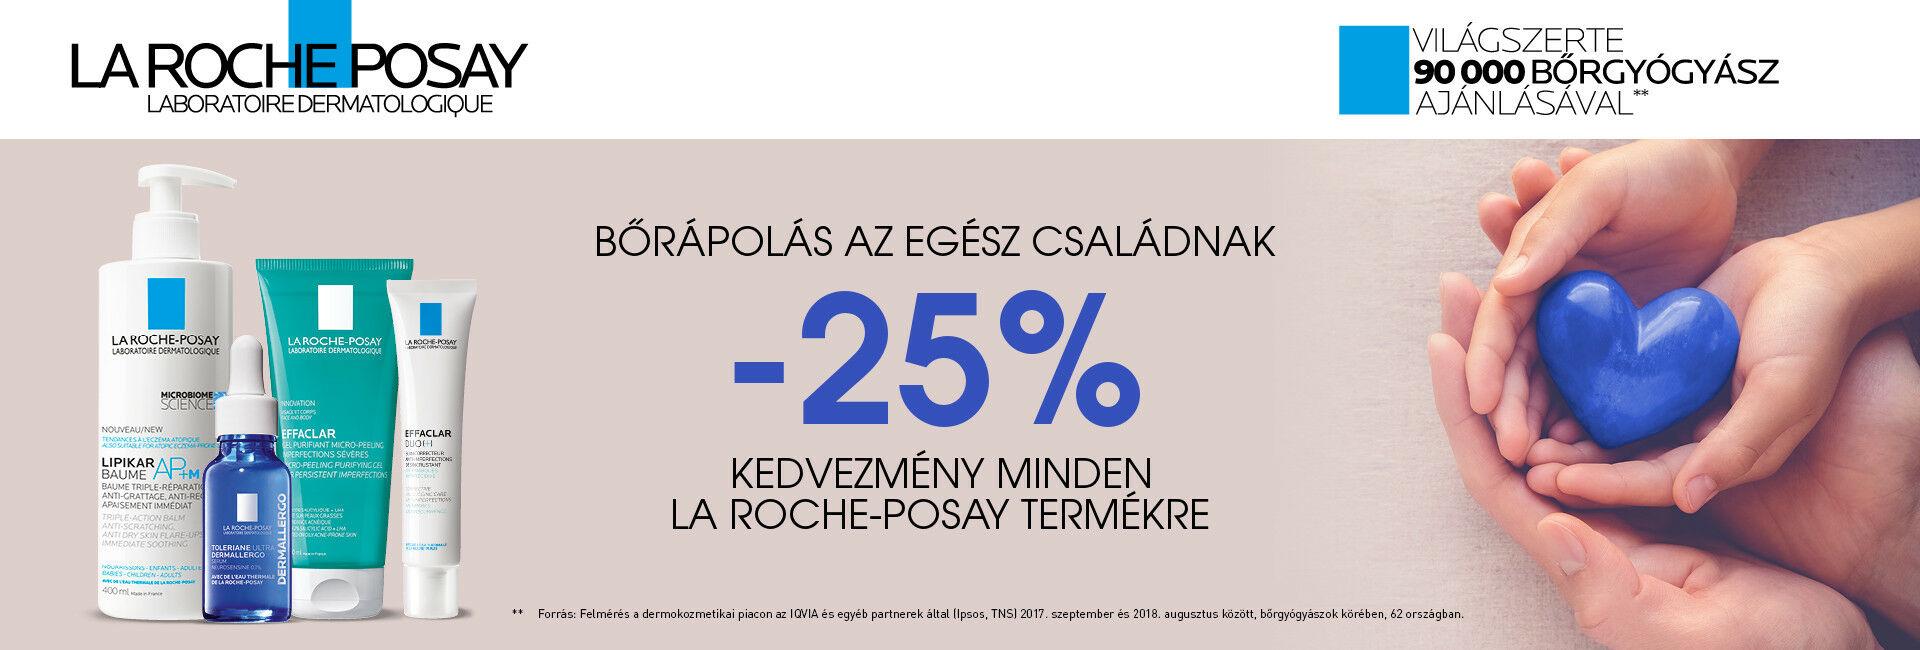 JOY NAPOK: 2020. május 14-18. között minden La Roche-Posay terméket 25% kedvezménnyel kínálunk!